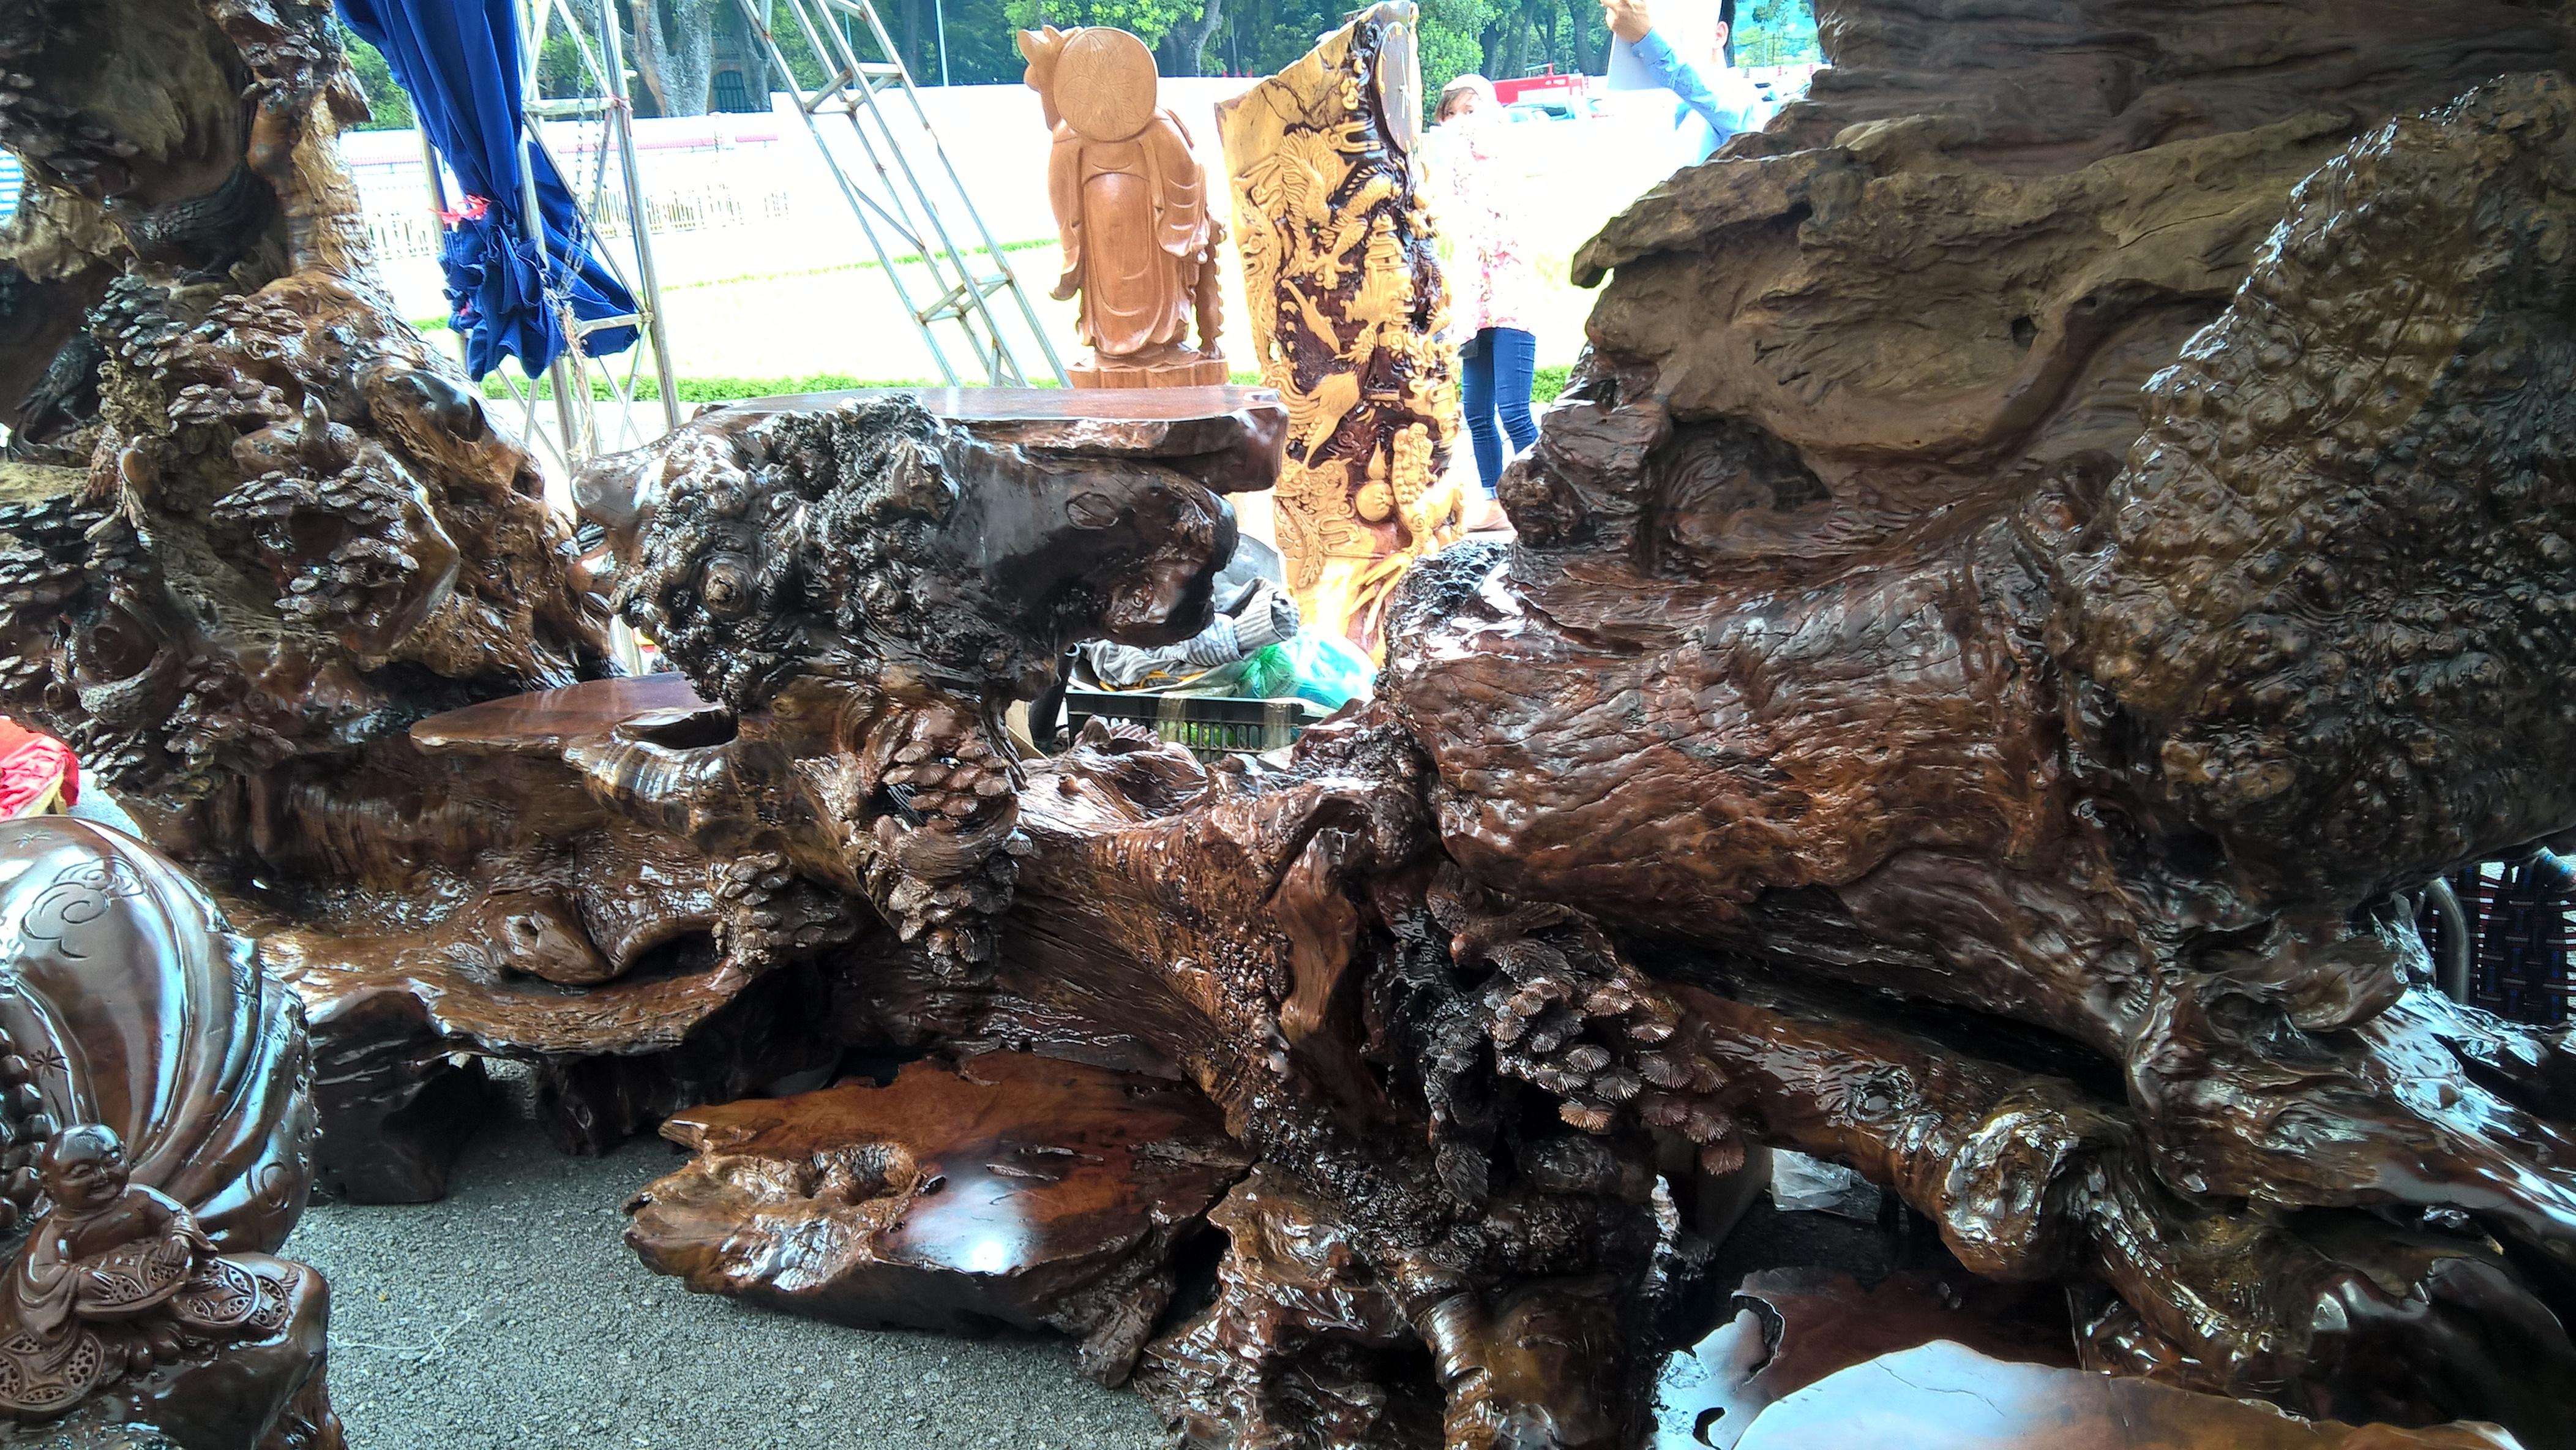 Gốc gỗ quý, có rất nhiều nu xù xì quý hiếm. Chủ nhân cho biết bộ bàn ghế gỗ nu này có một không hai tại Việt Nam